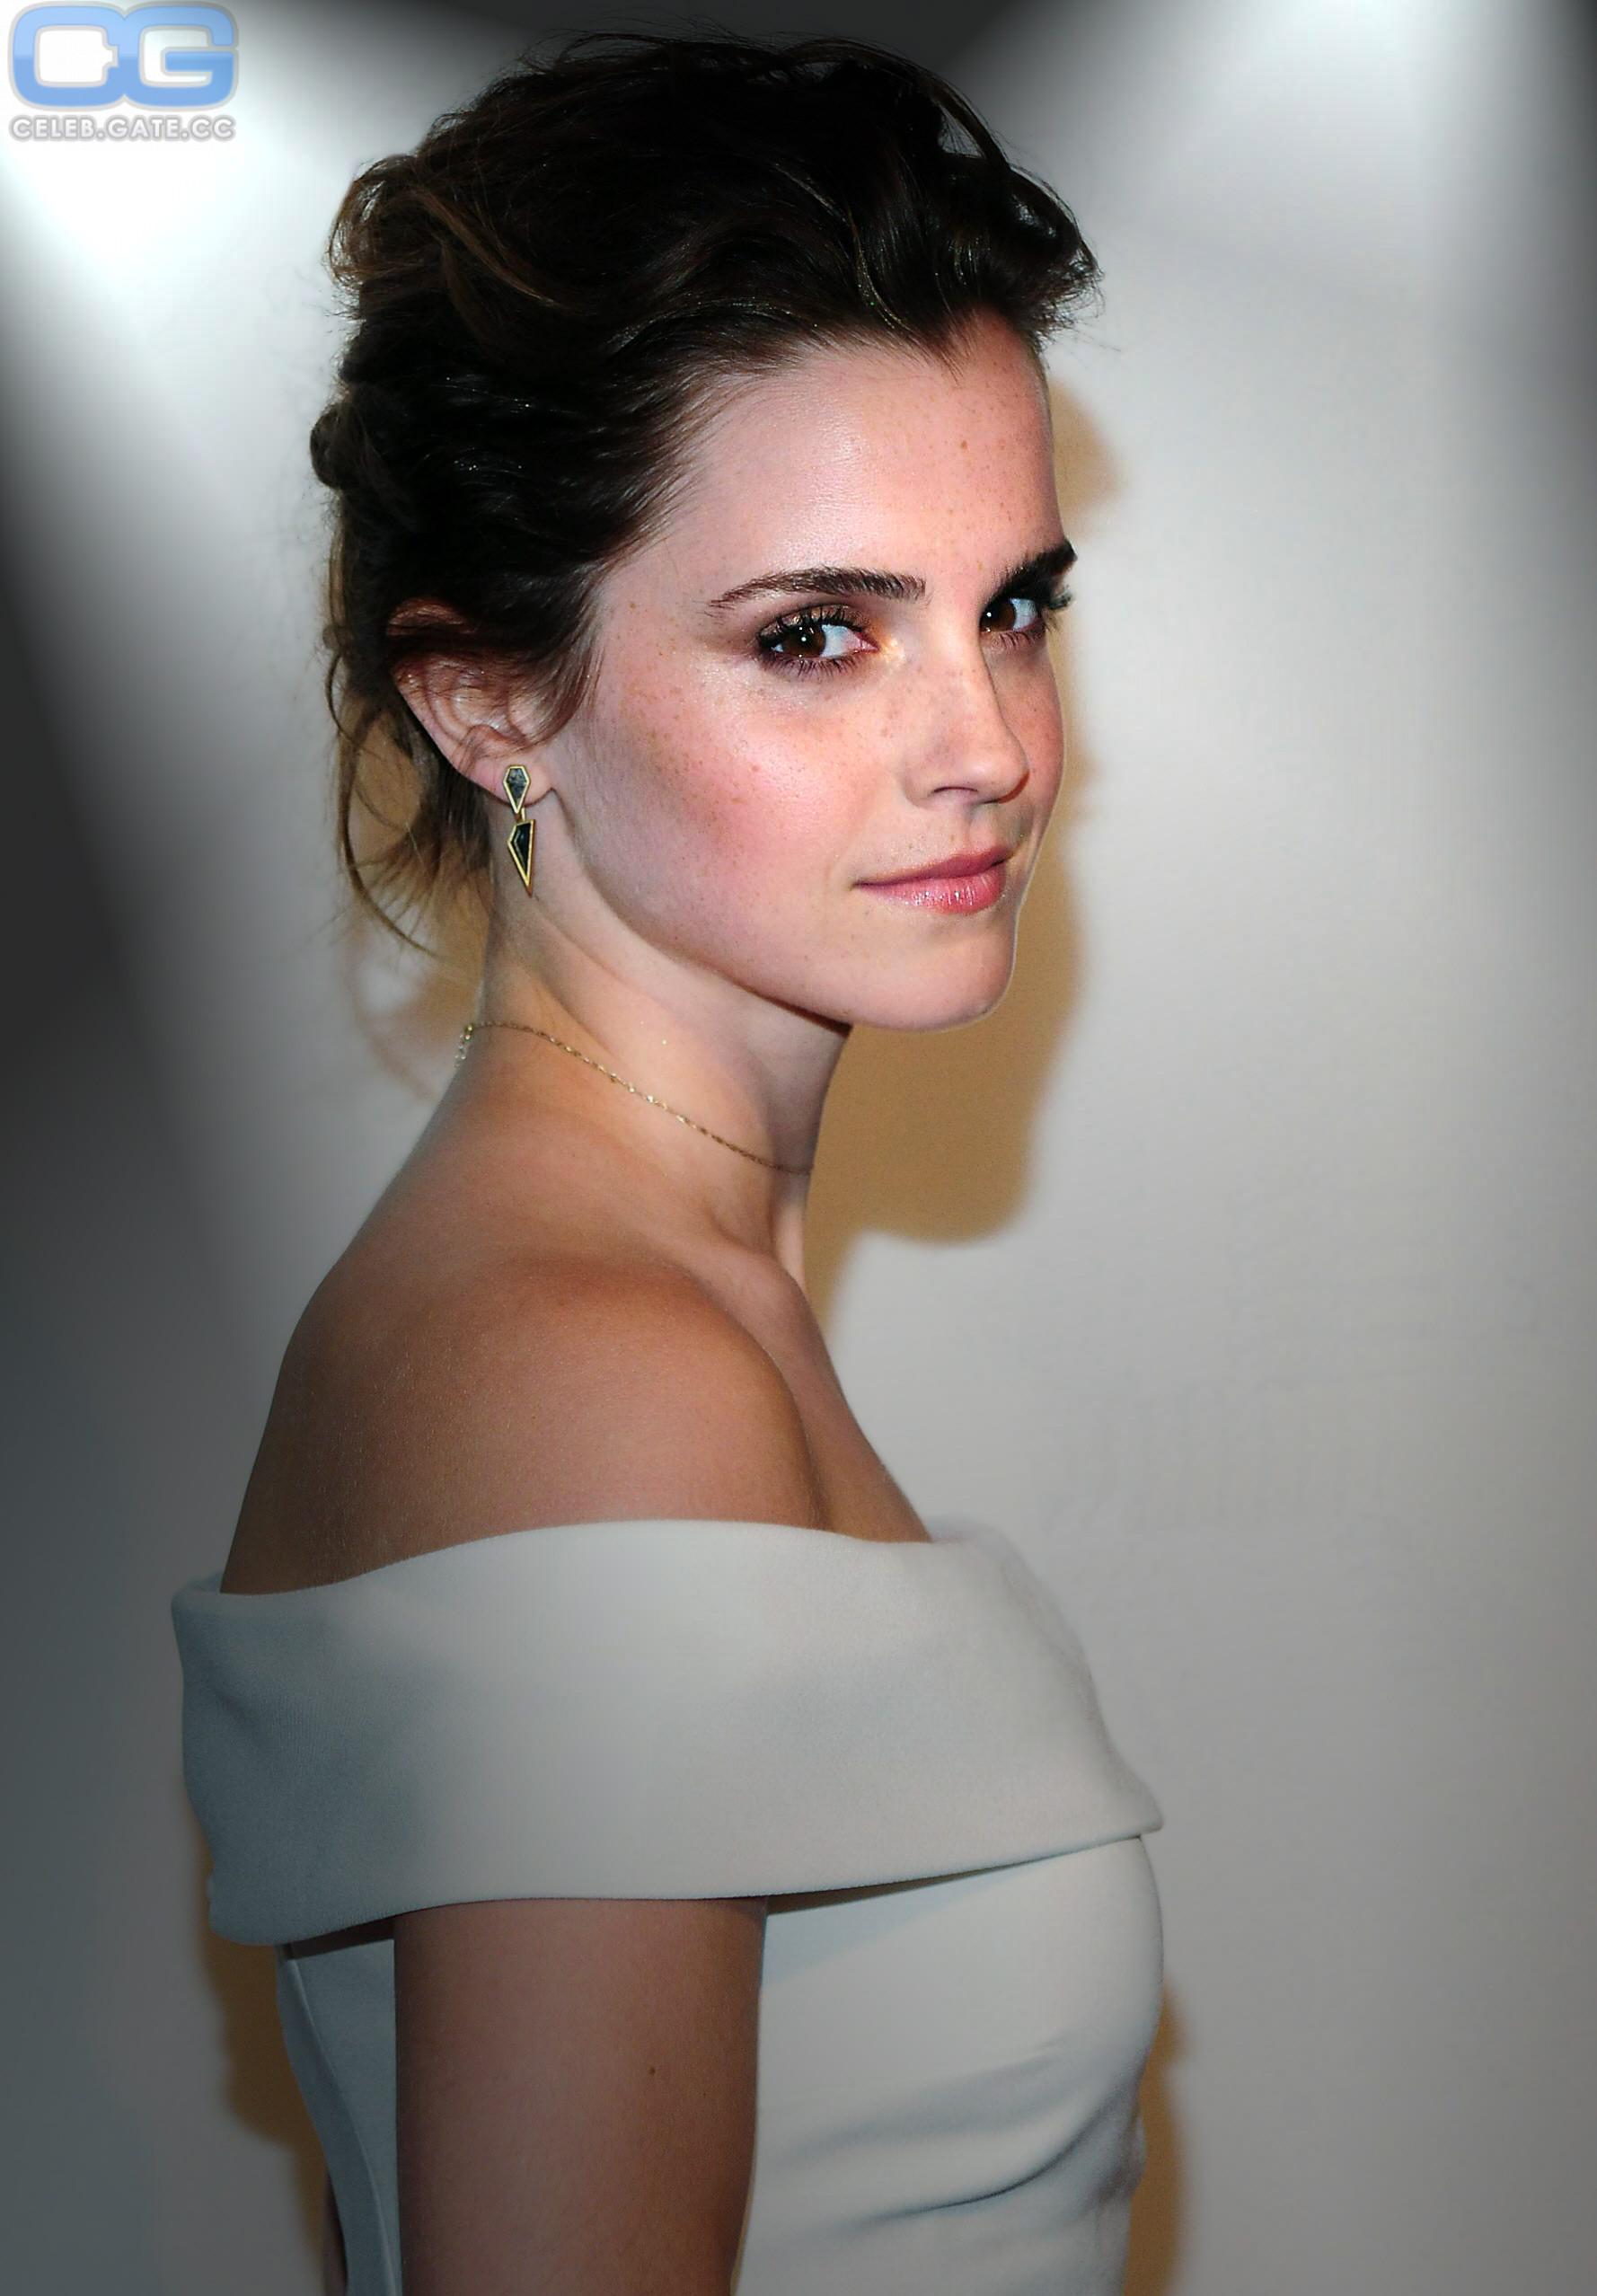 Watson fakes emma nackt Emma Watson: